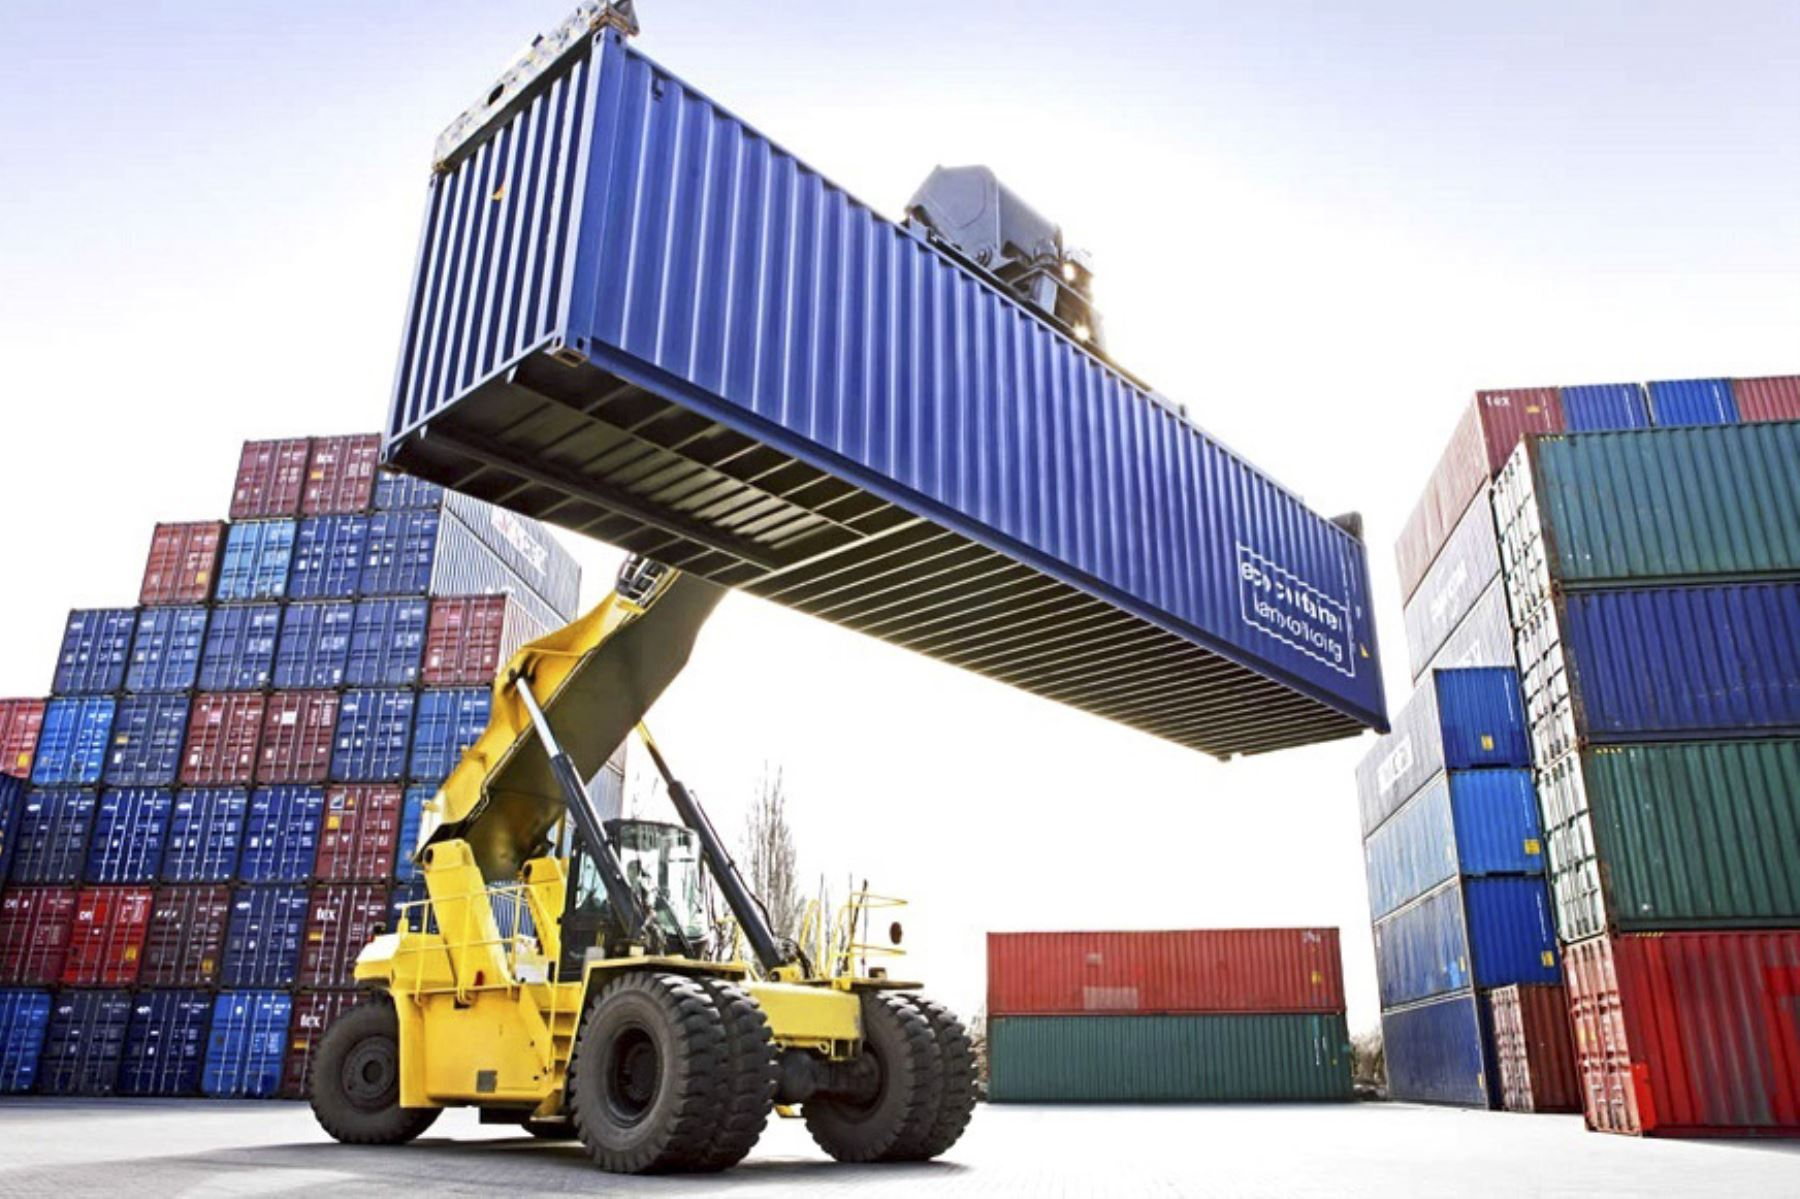 balanza-comercial-registro-superavit-de-us-636-millones-en-septiembre